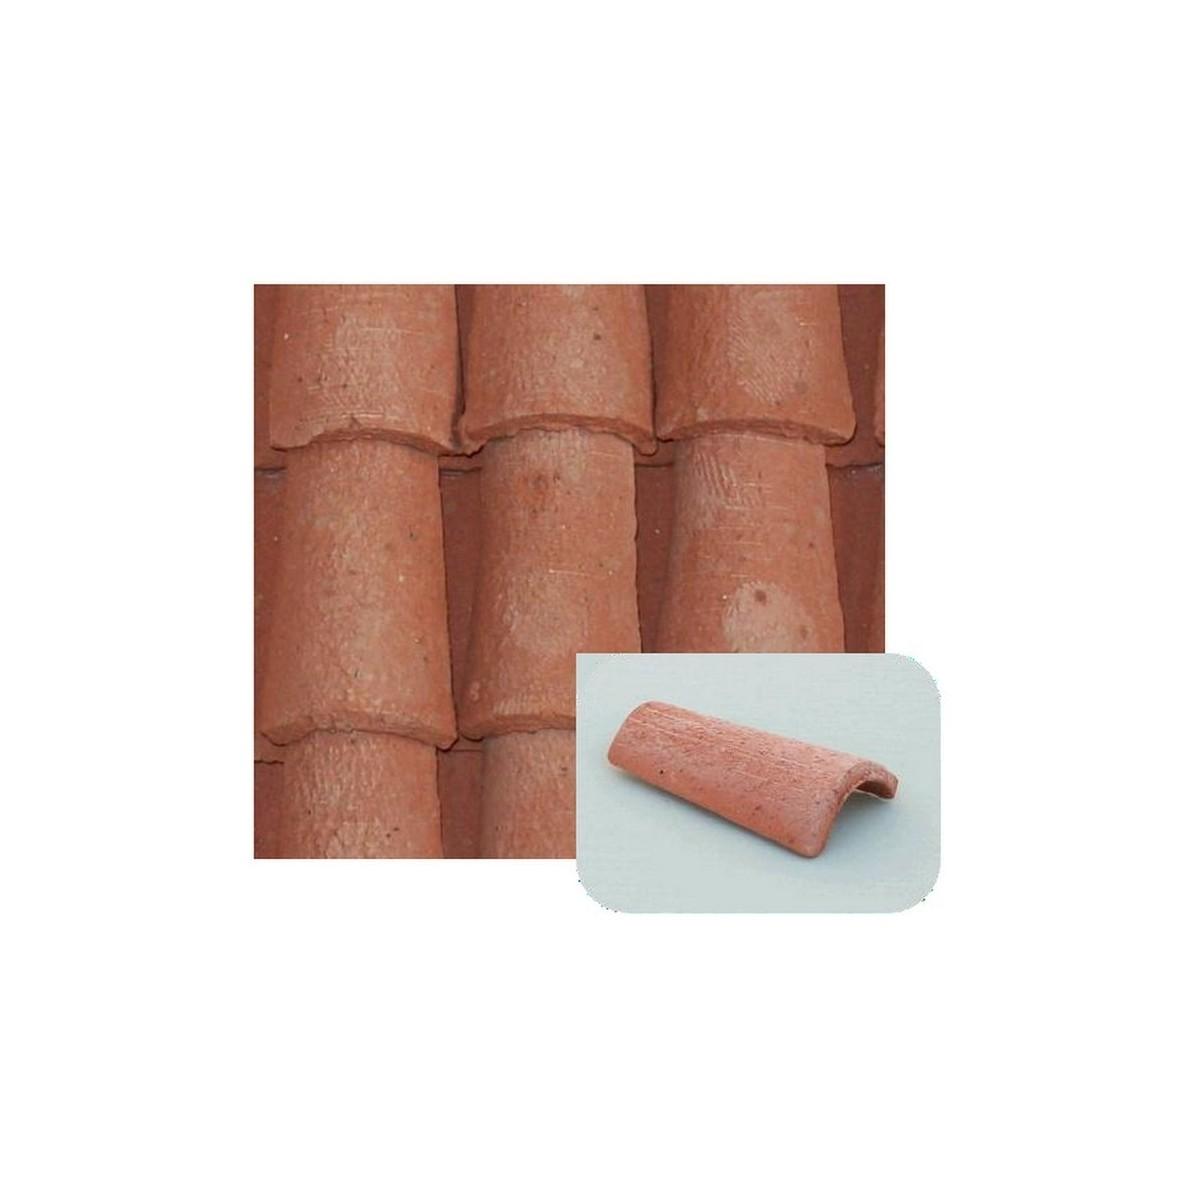 Coppi in terracotta mm 12x20 disponibile in